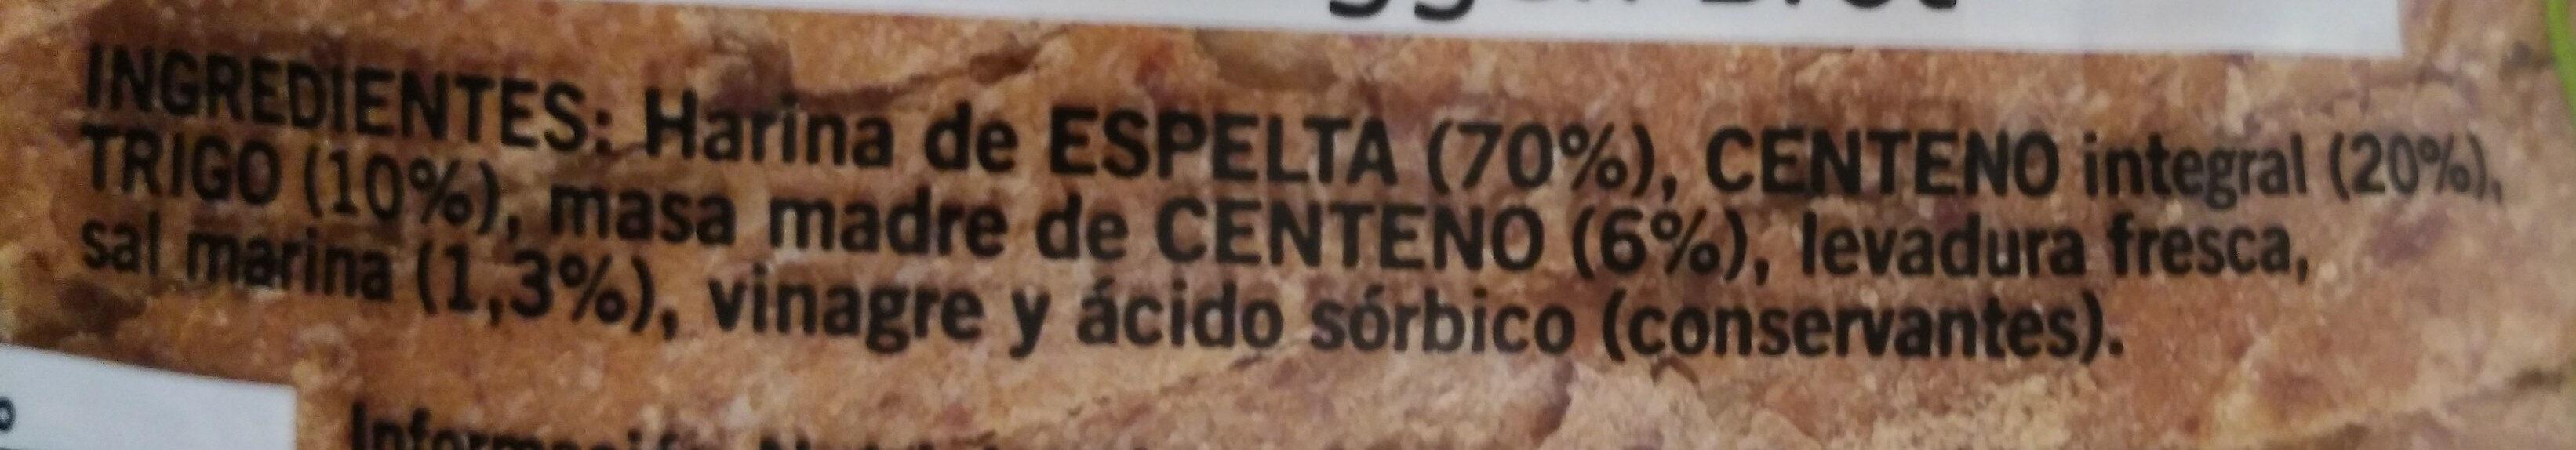 Pan  de espelta - Ingredientes